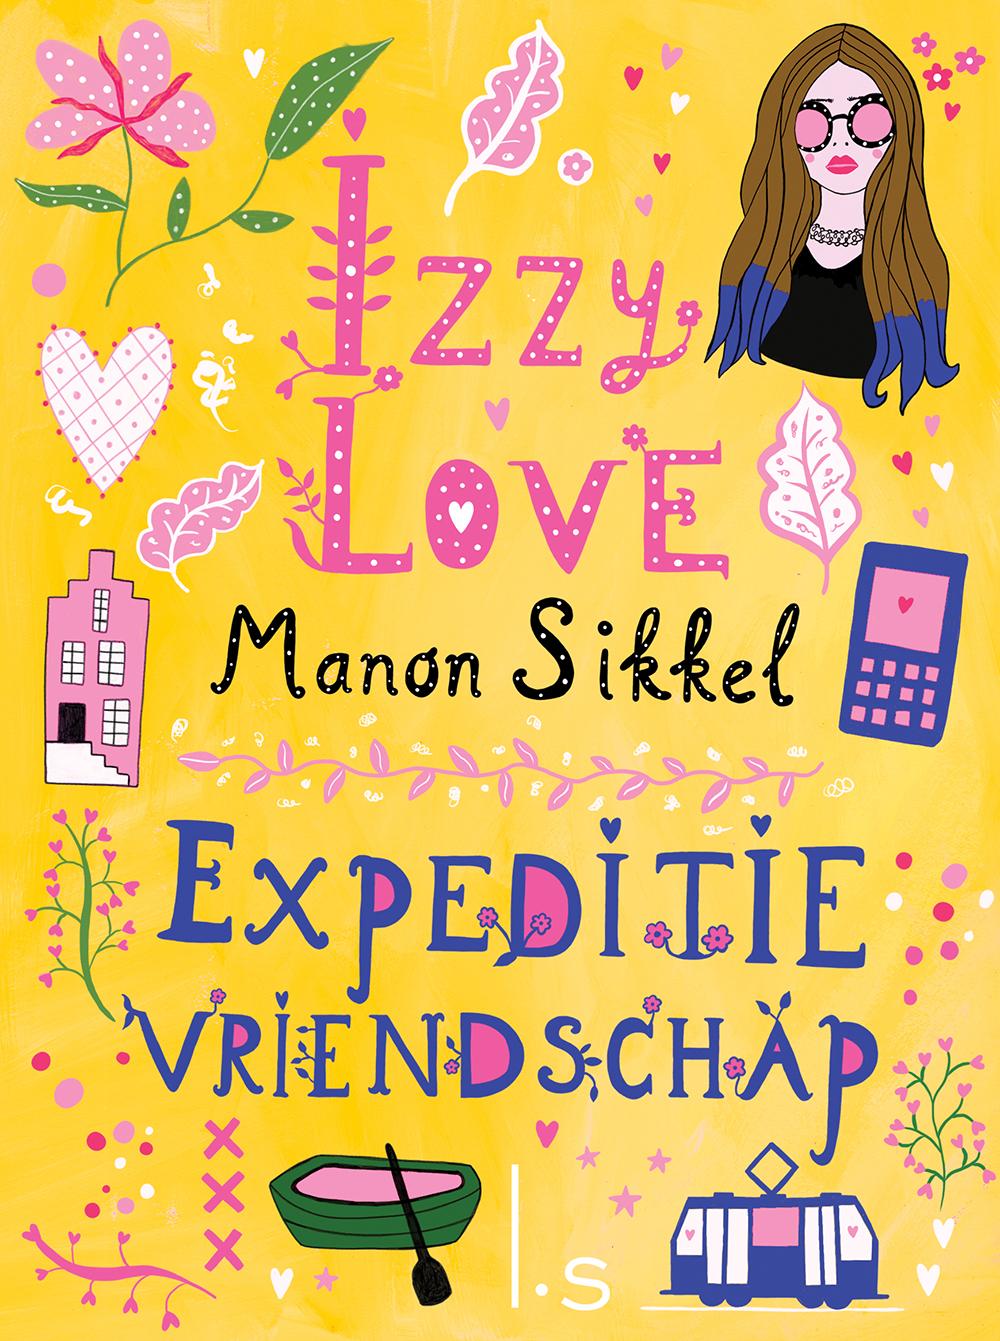 Izzy Love book design by Marenthe.jpg